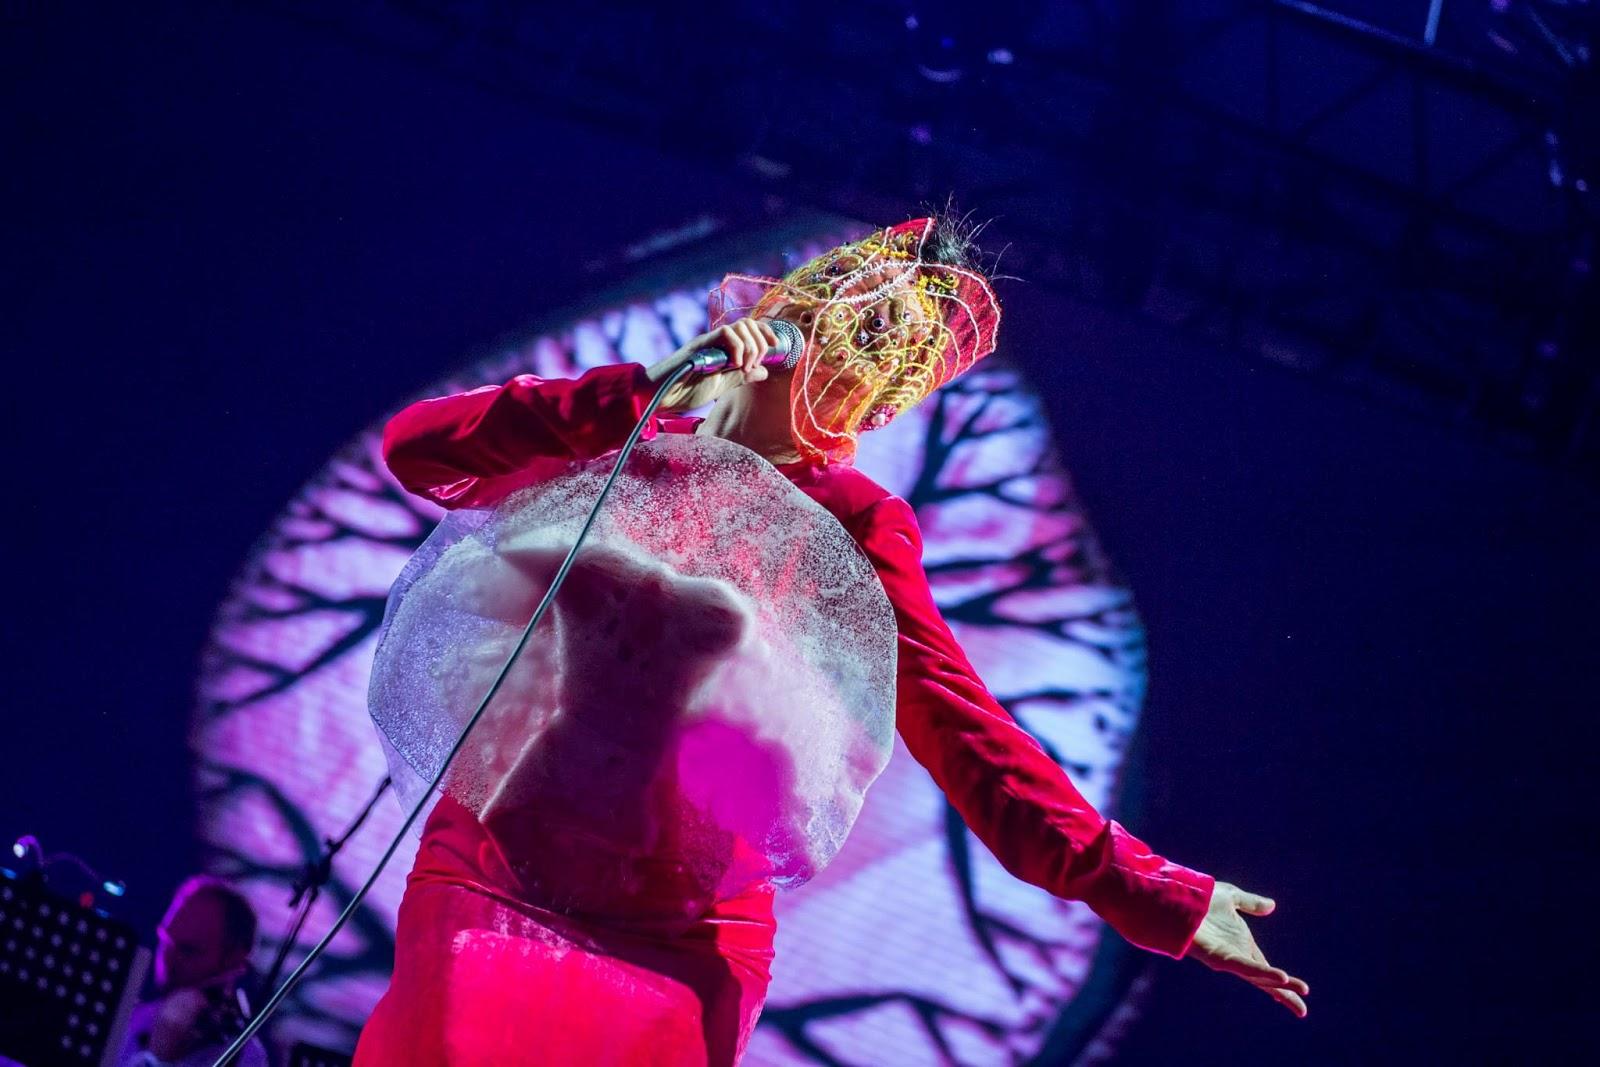 björk guðmundsdóttir: Björk - Live @ Tbilisi Concert Hall